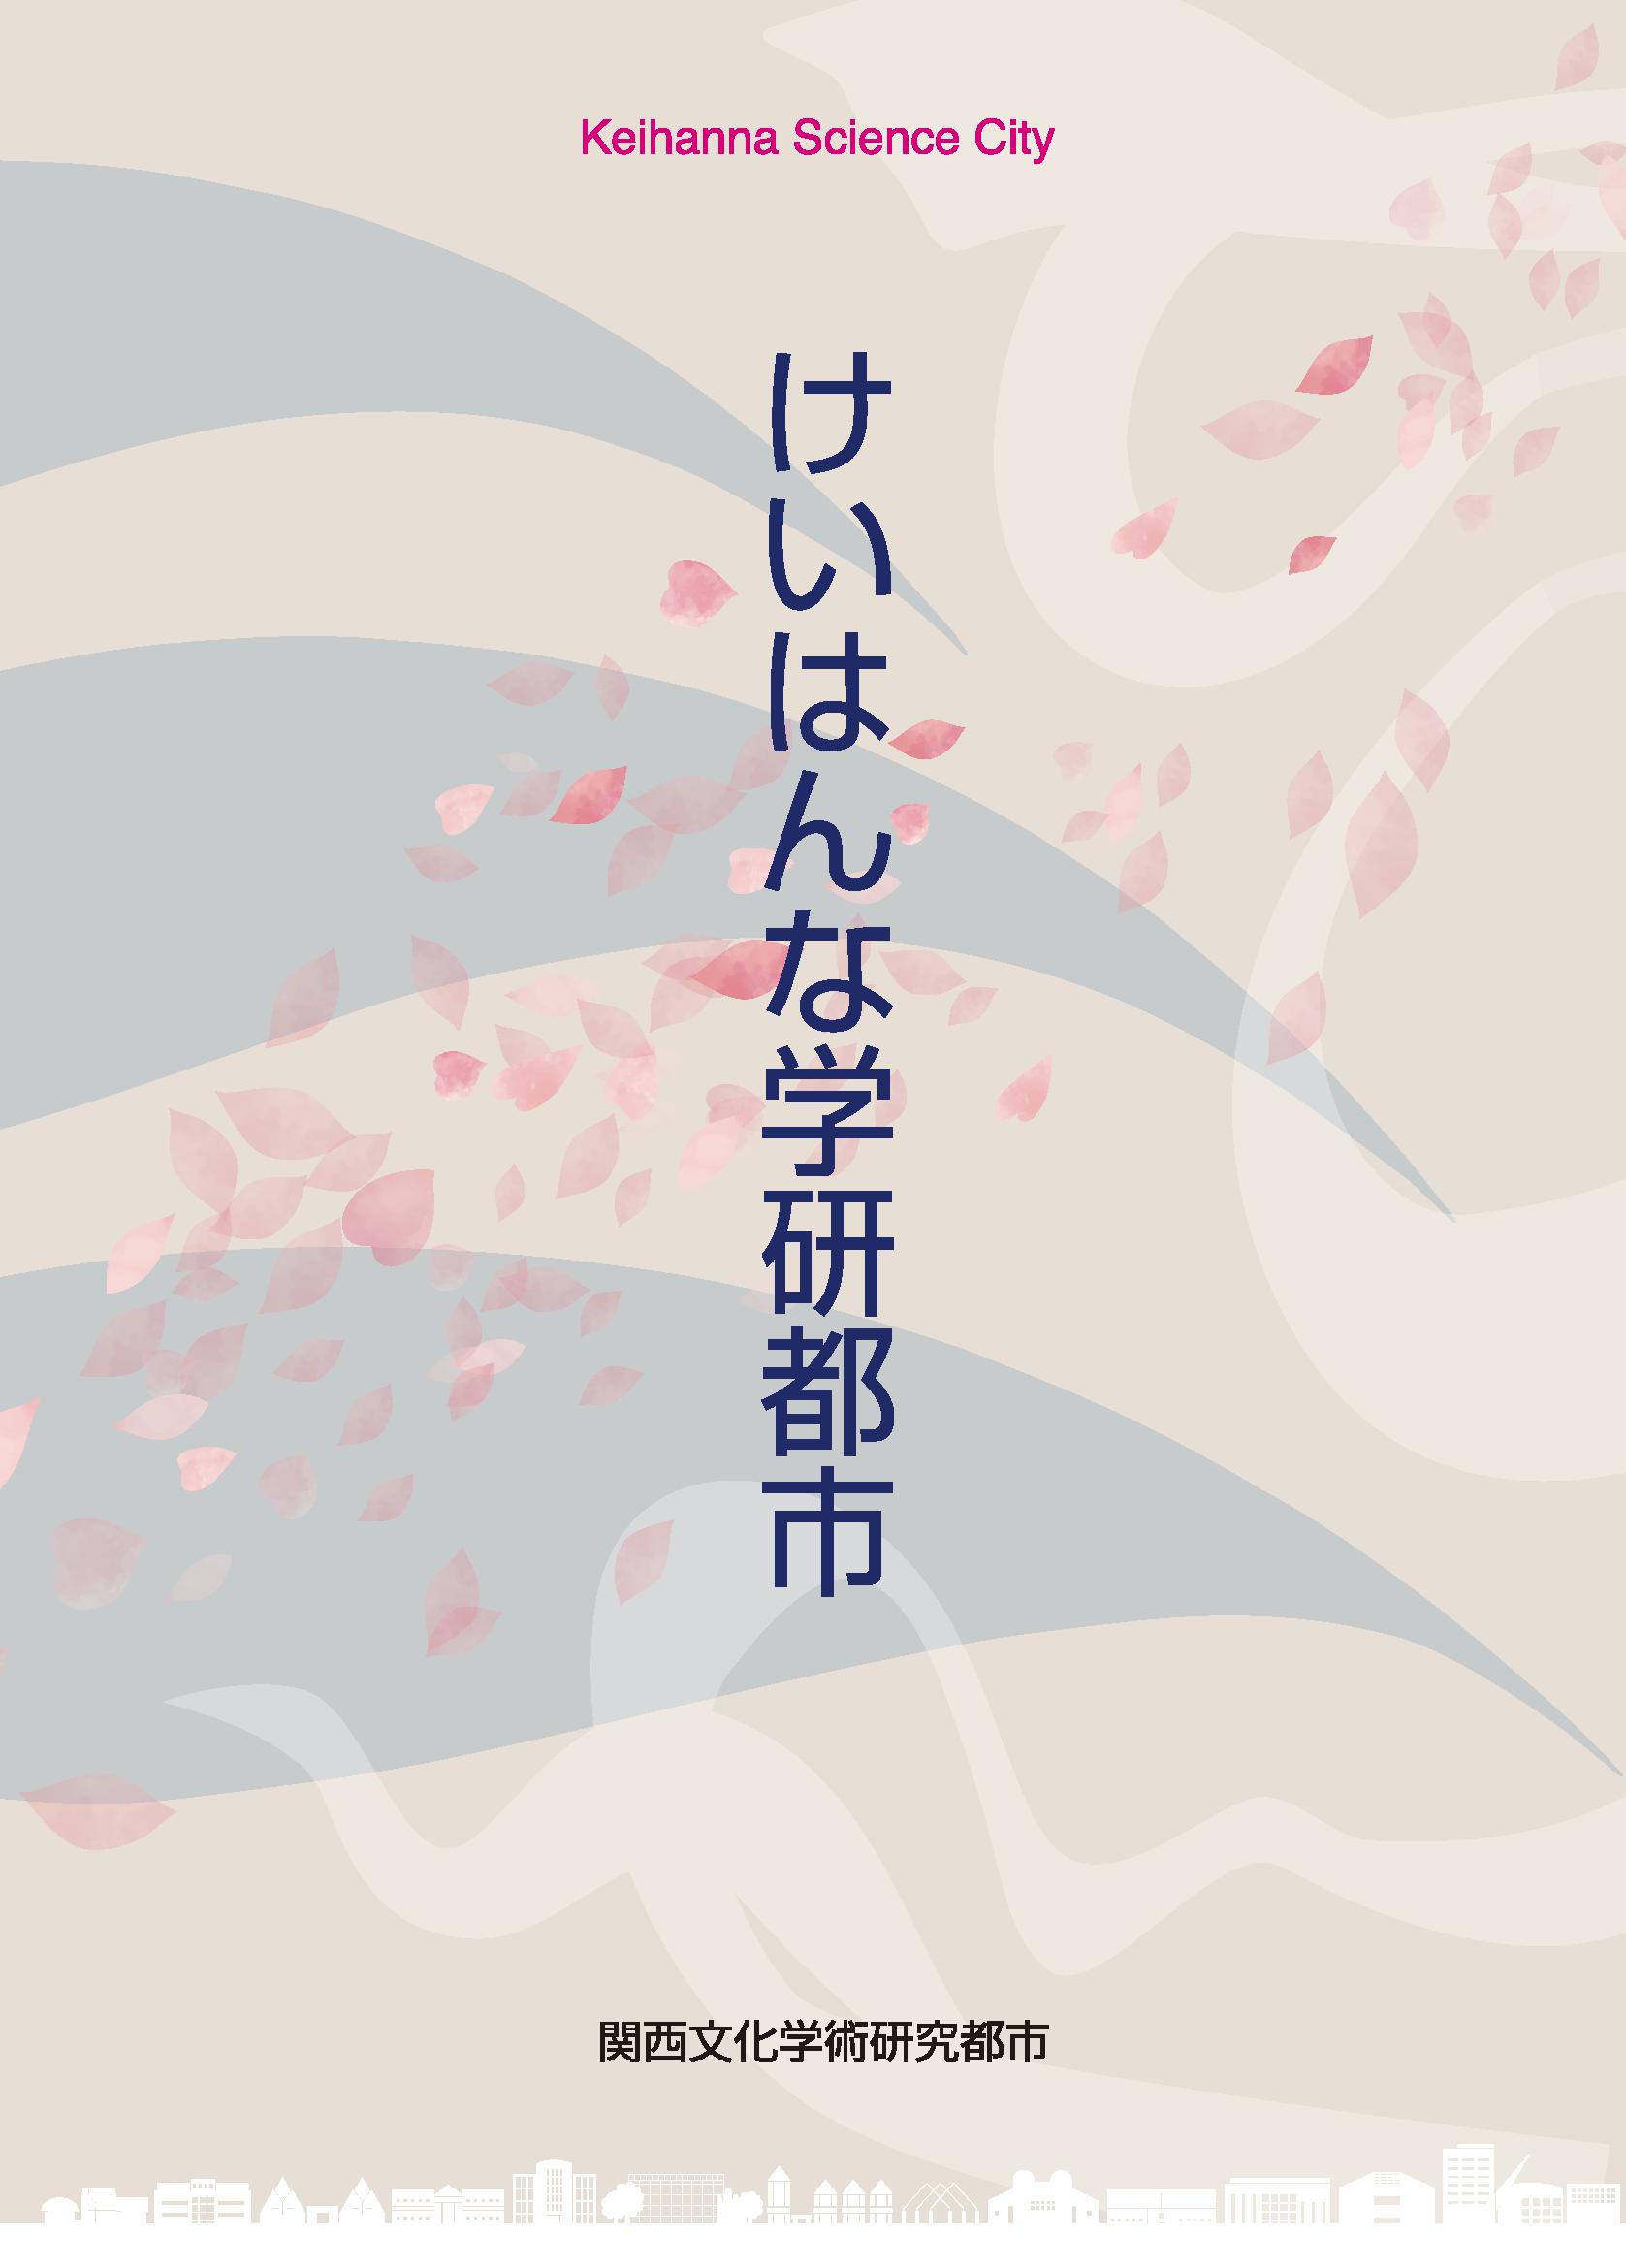 けいはんな学研都市・総合パンフレット(日本語2021.3版)